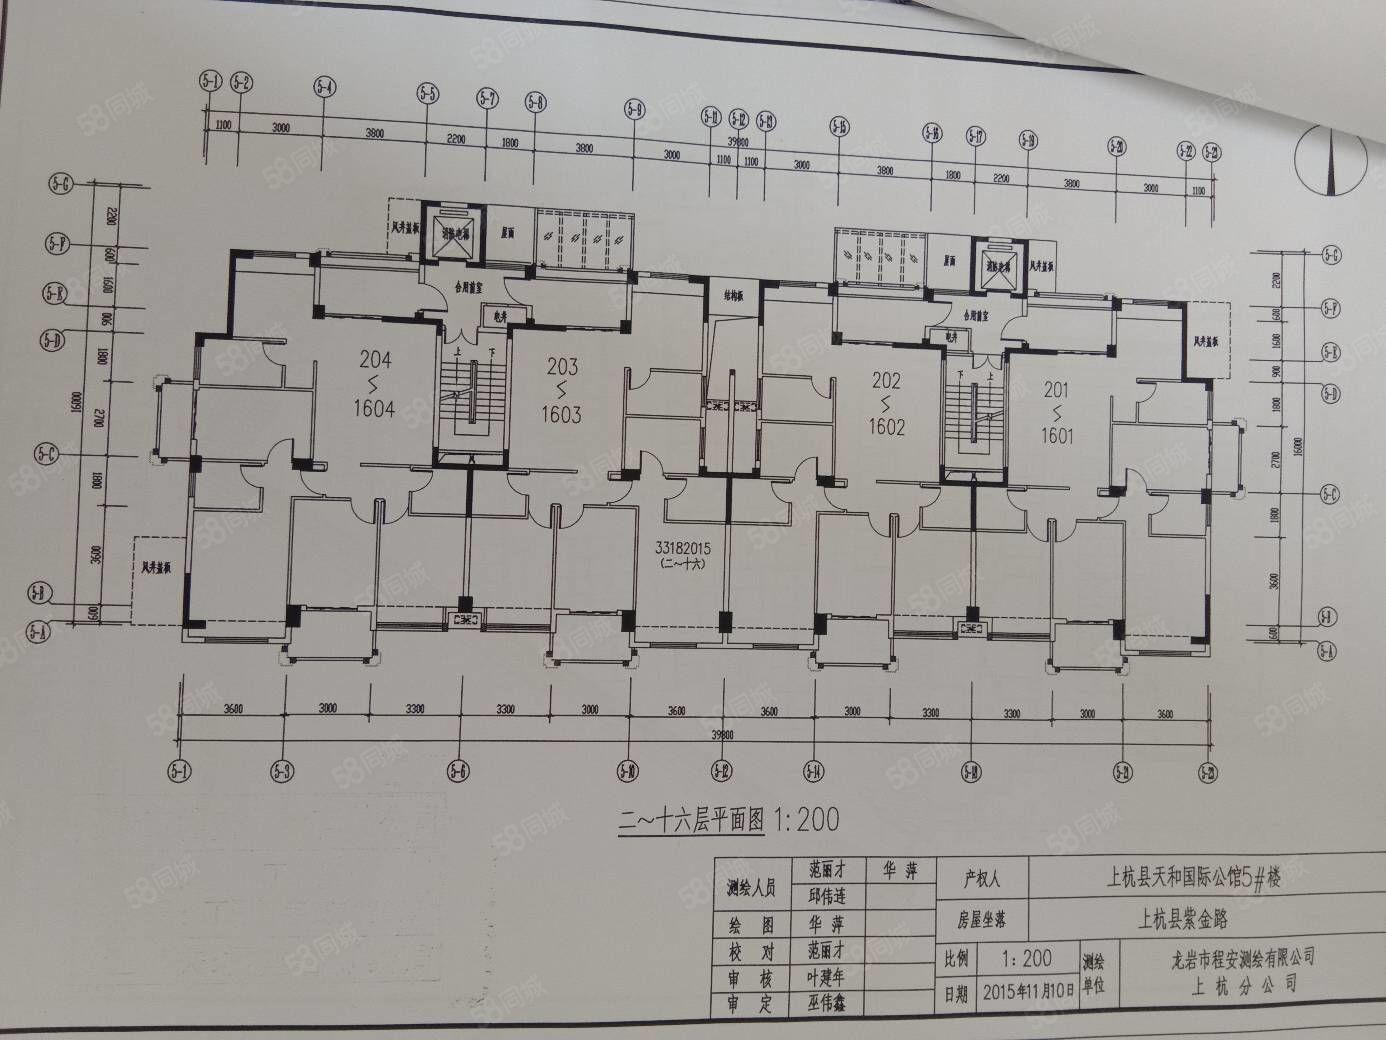 紫金路天和国际公馆精装电梯房带车位